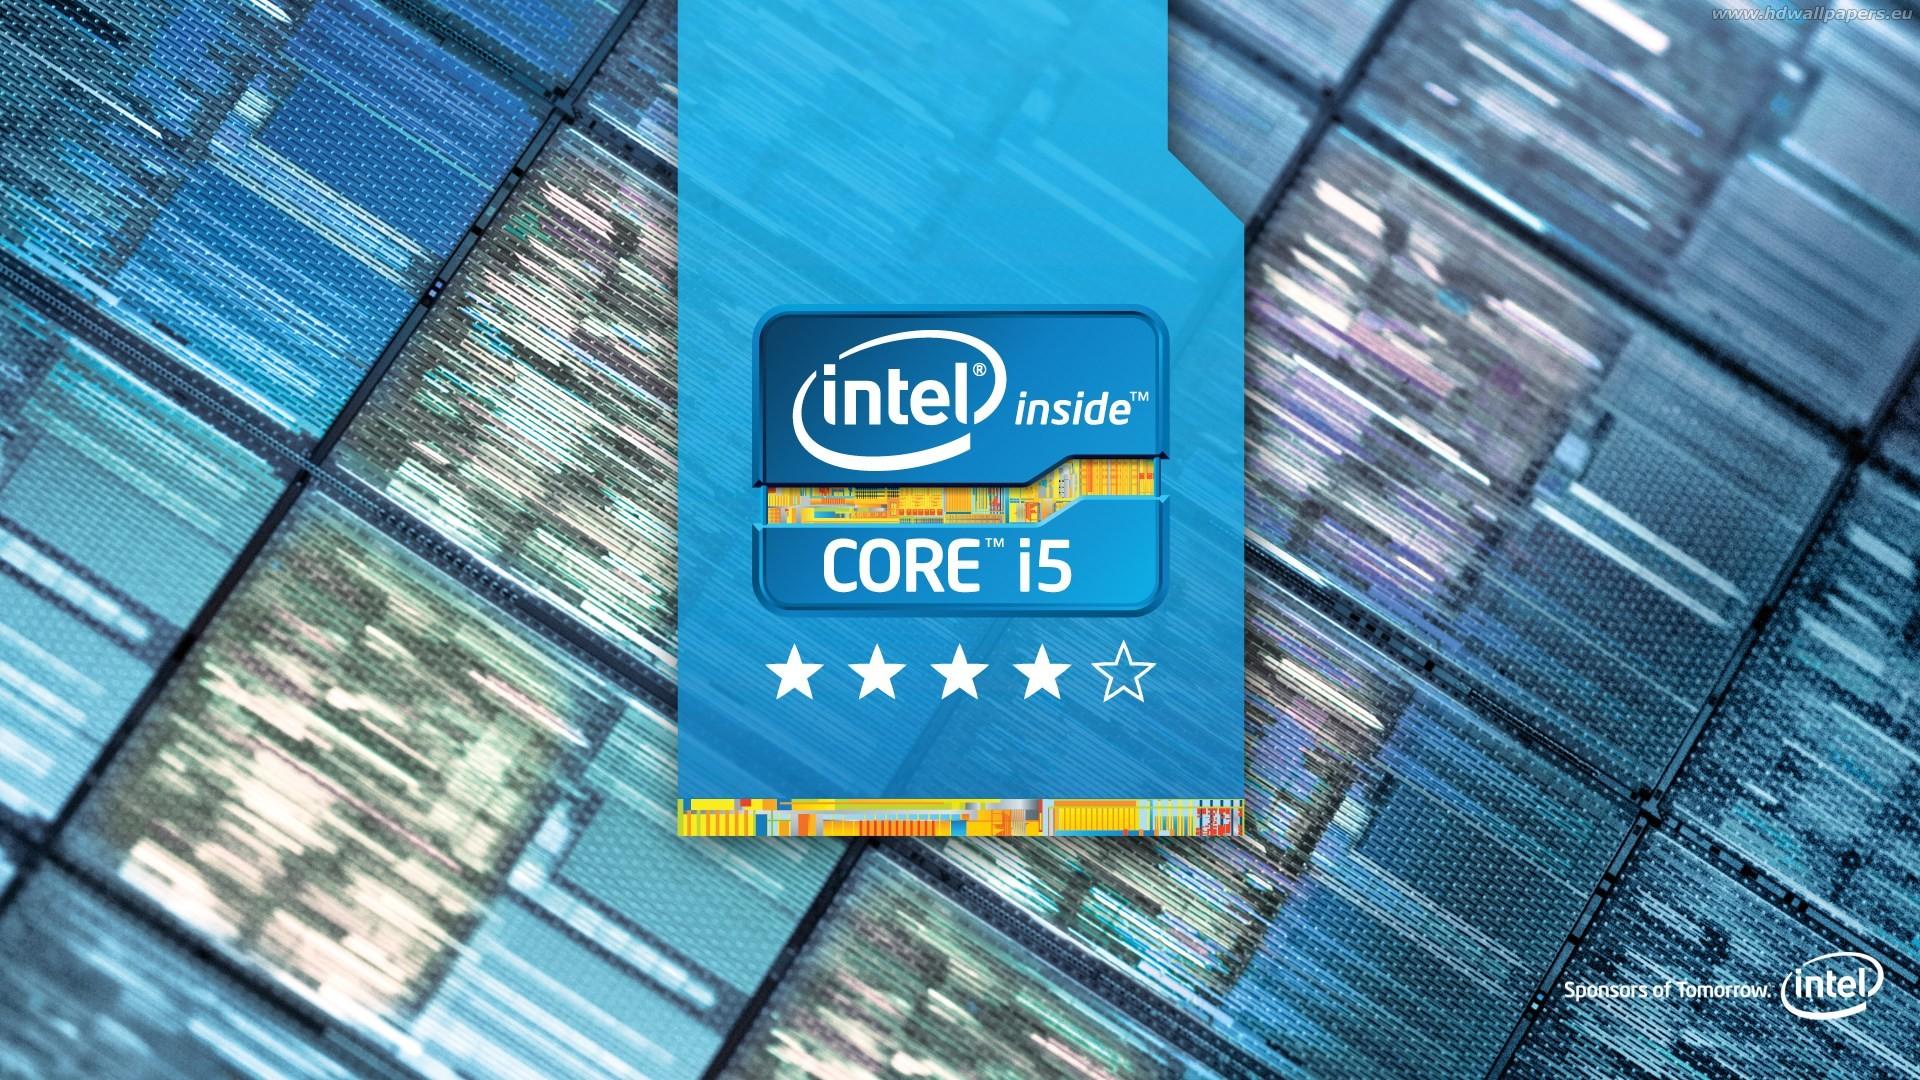 Intel I5 Wallpaper 75 images 1920x1080